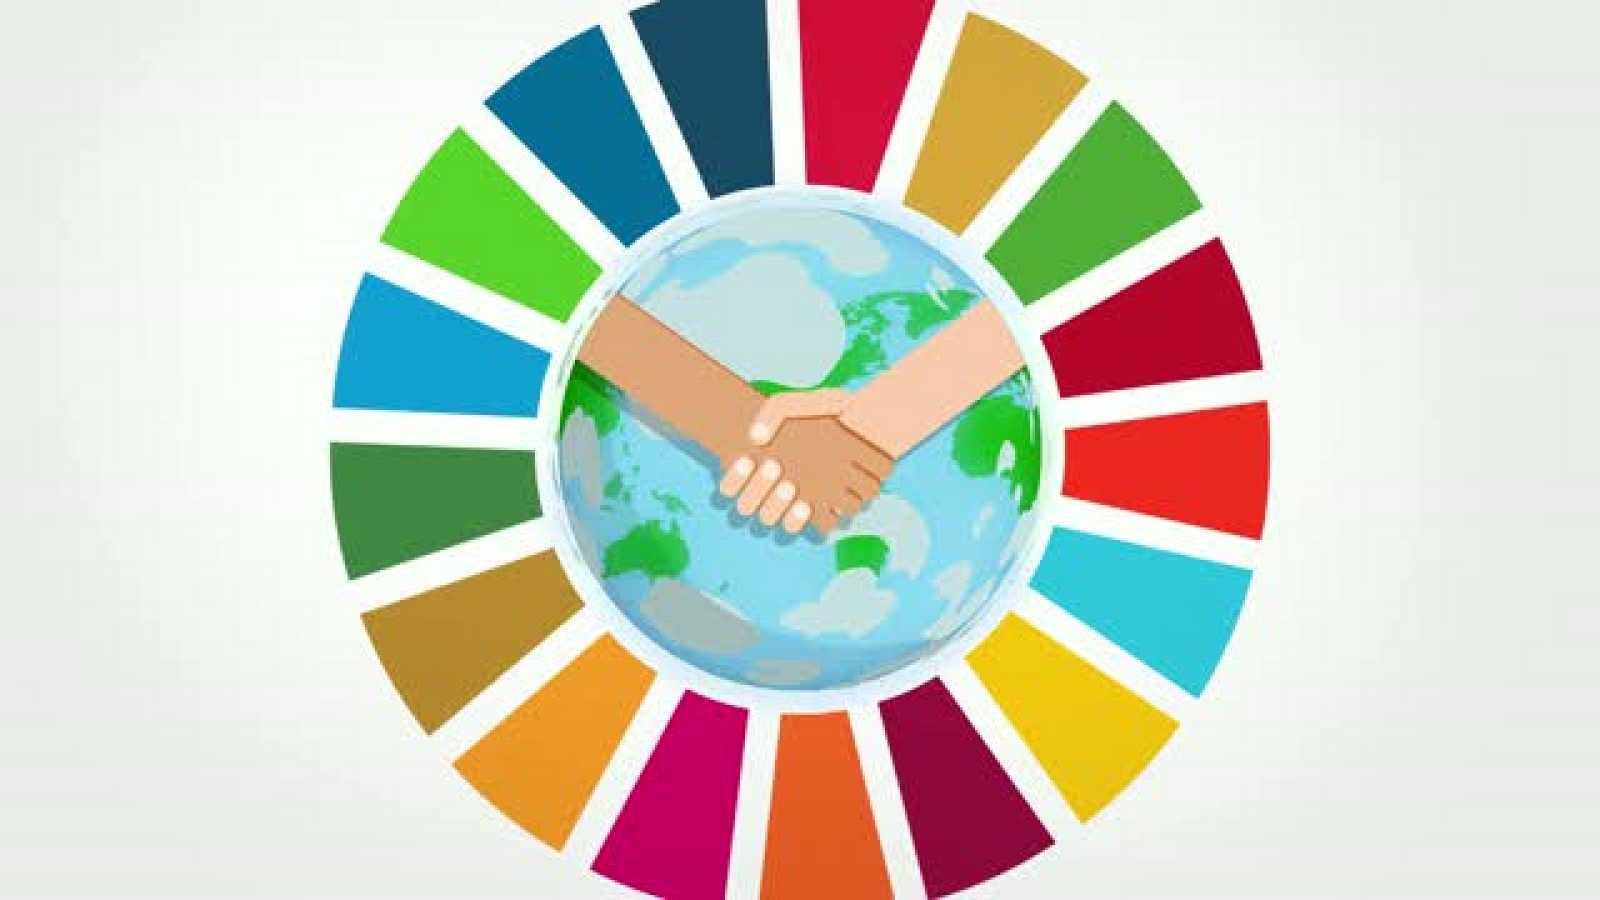 Objetivos de desarrollo sostenible - Promo genérica